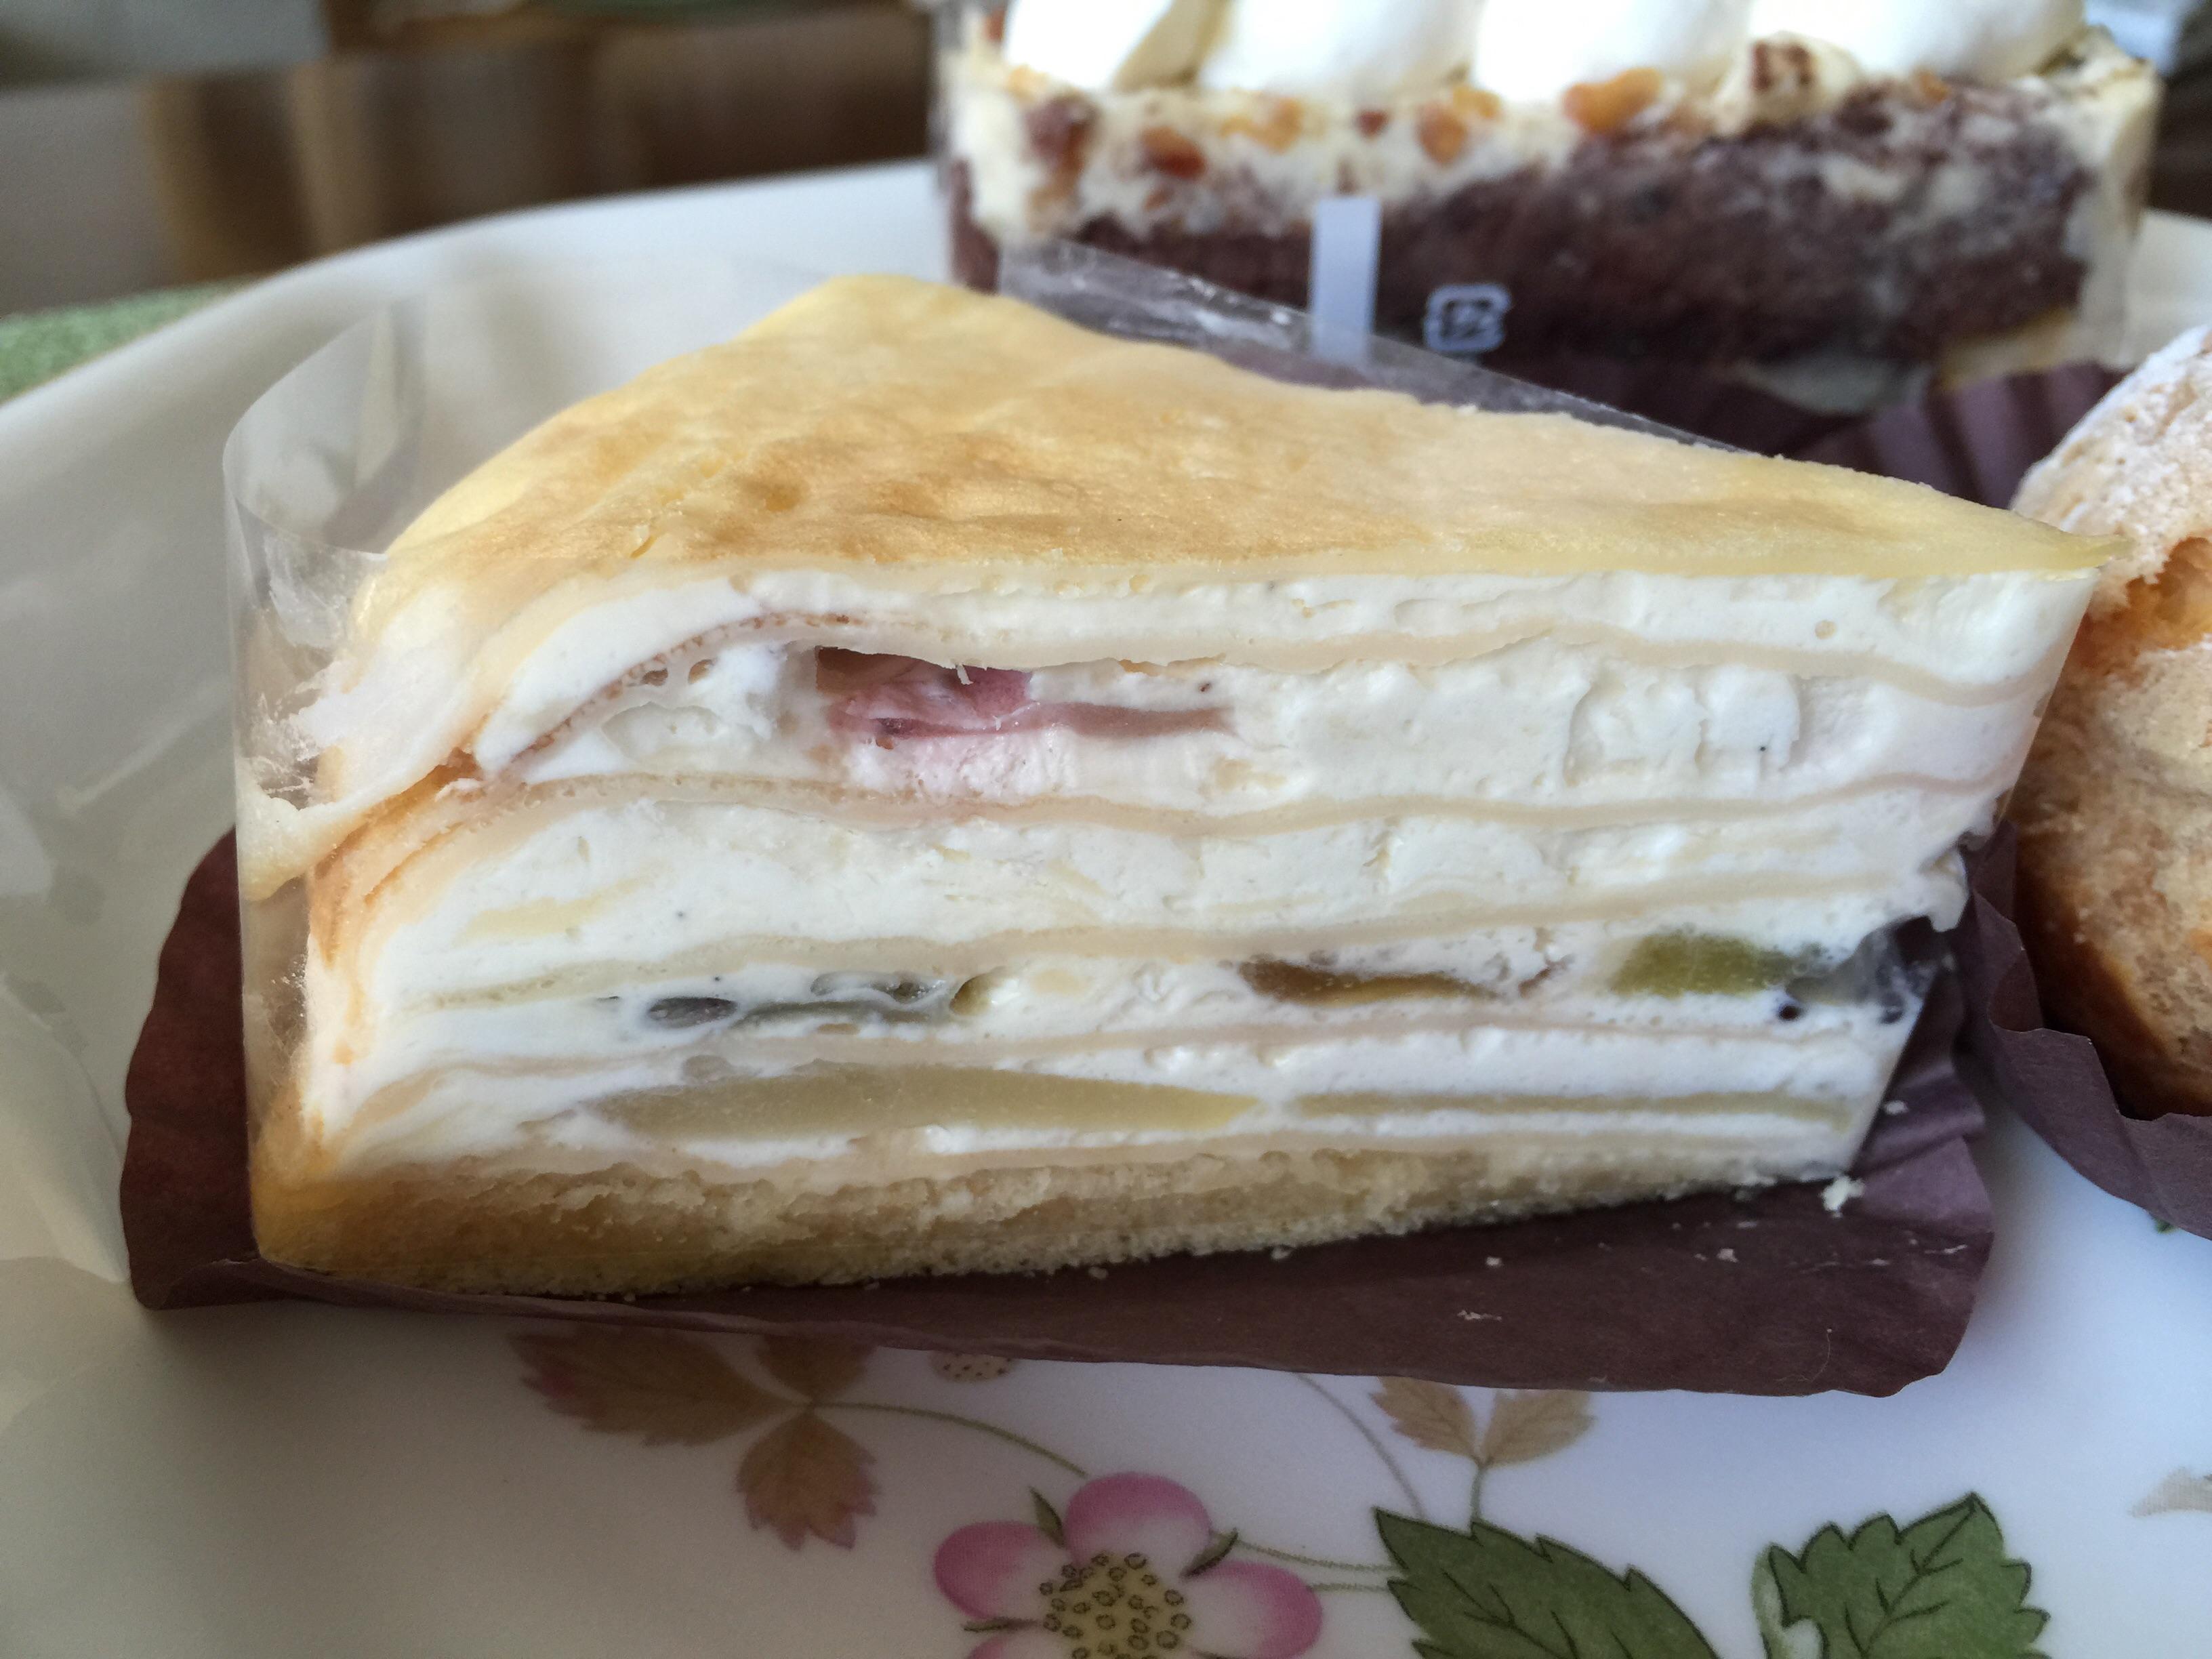 日進市のケーキ屋 Delice Aprico(デリスアプリコ)のケーキ